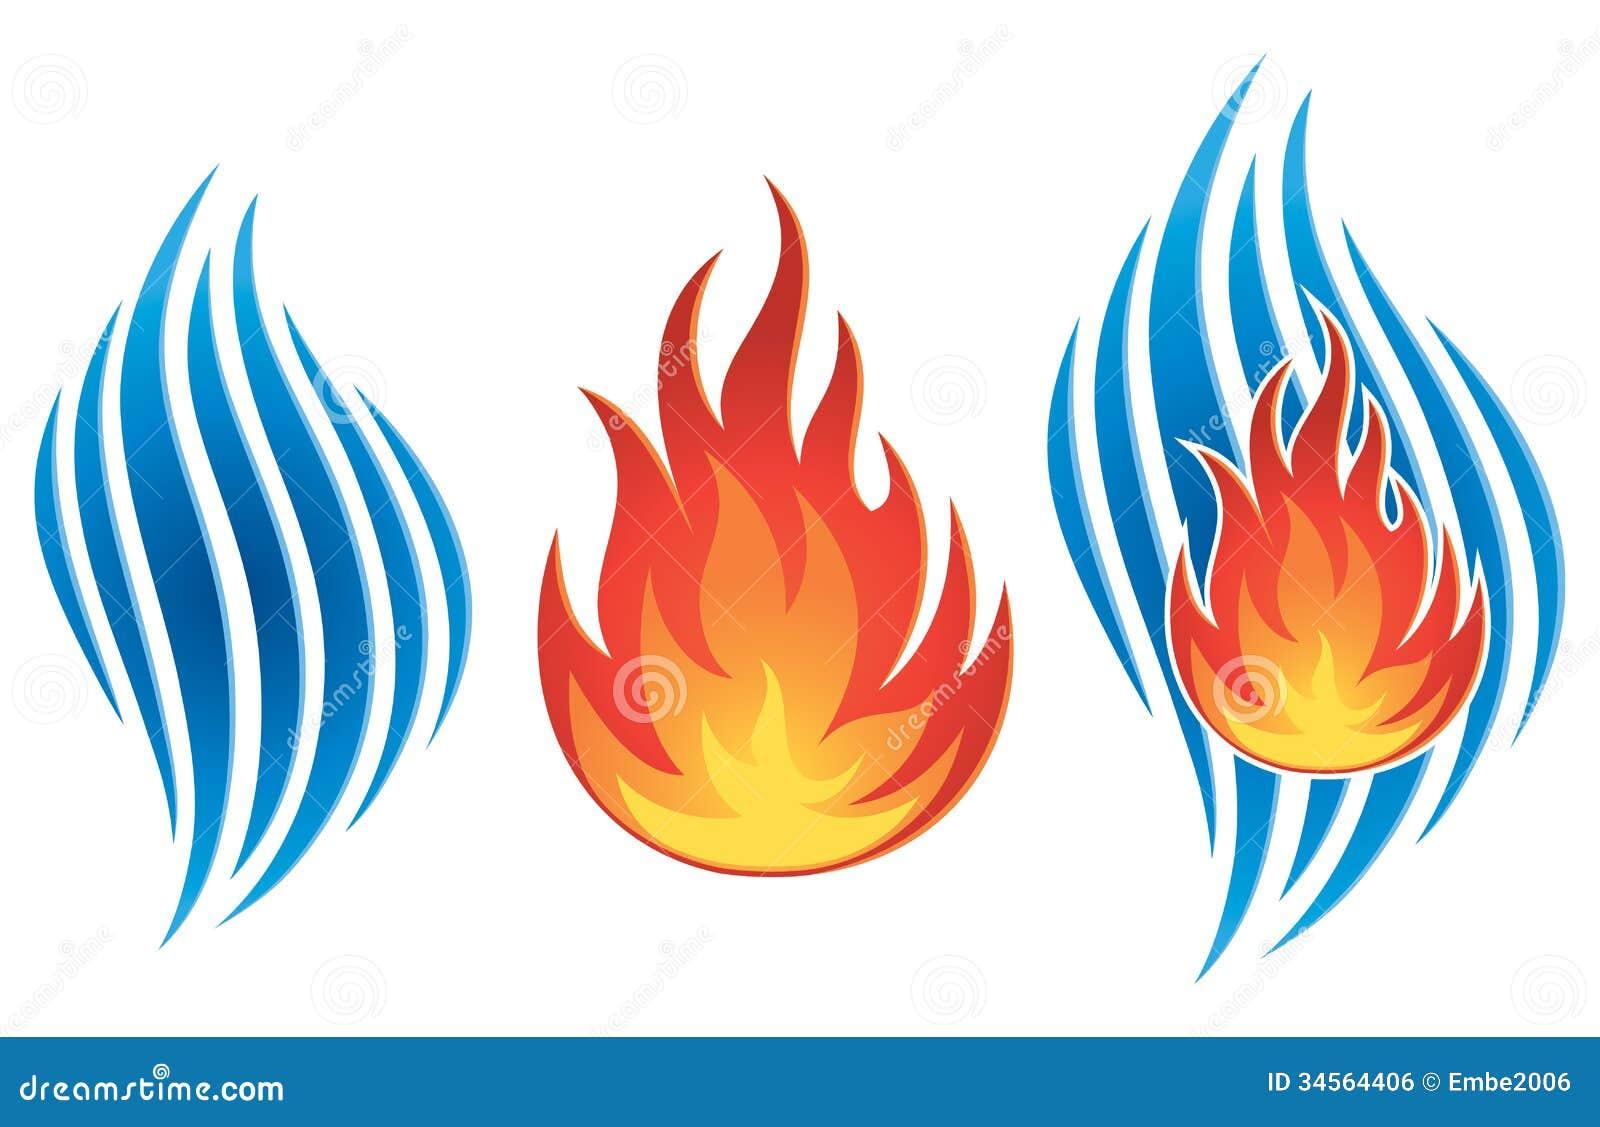 Wasser Feuer Logo Vektor Abbildung Illustration Von Bild 34564406